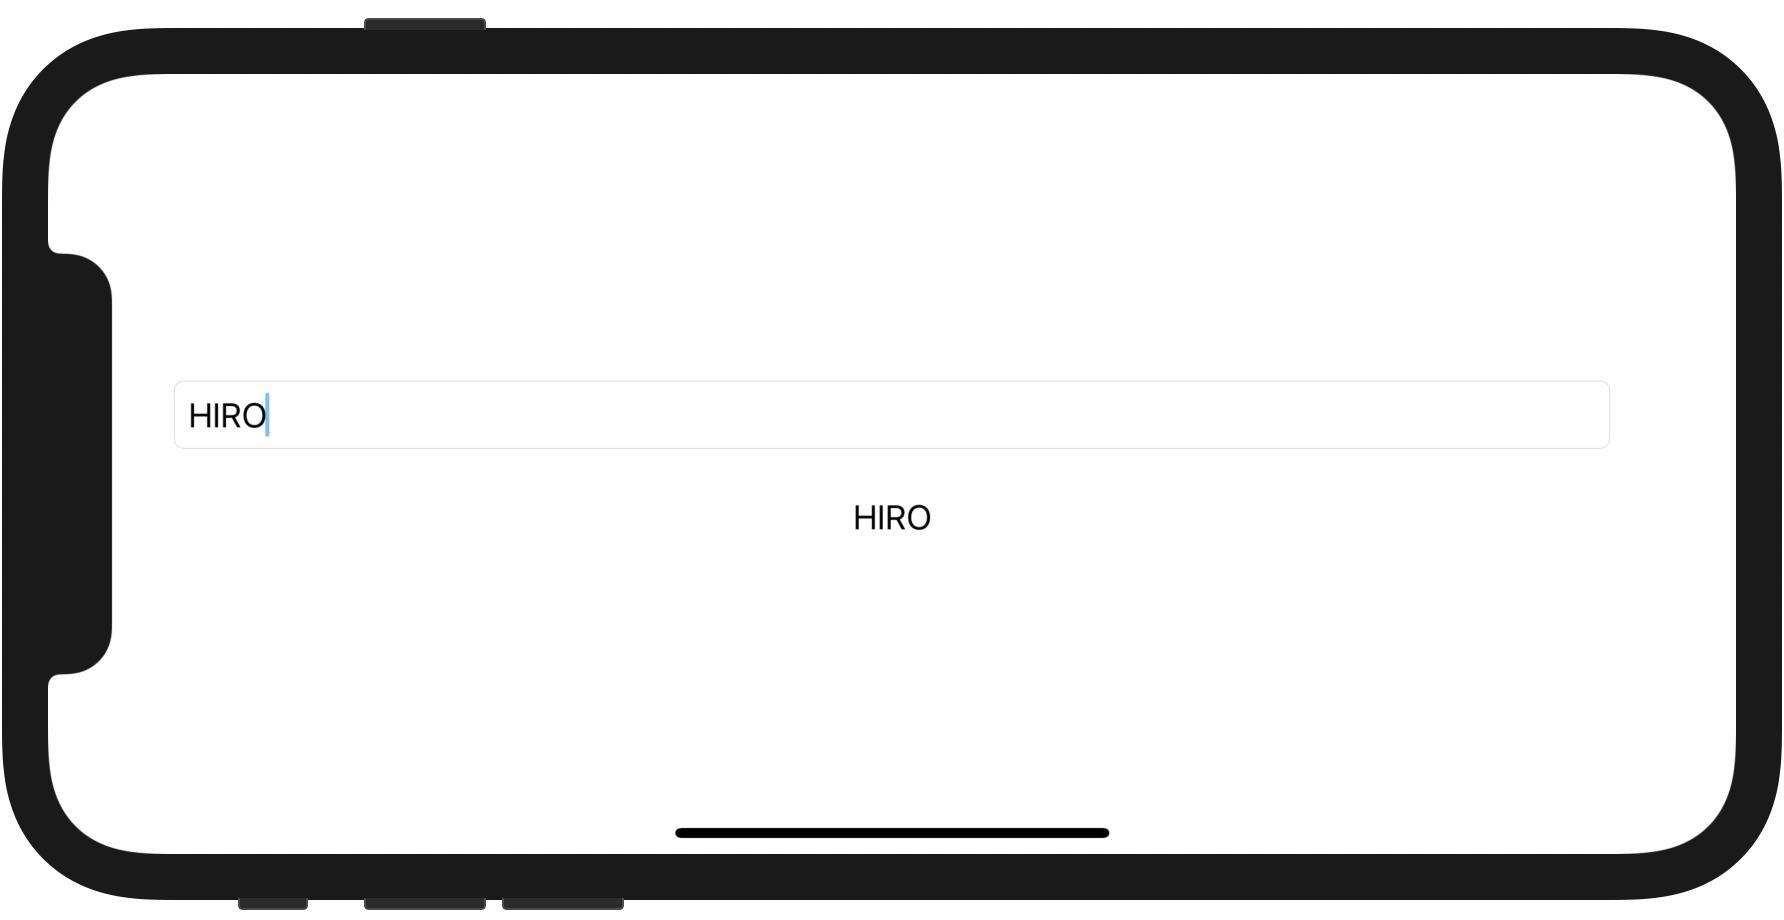 入力内容をリアルタイムに Text に反映する例